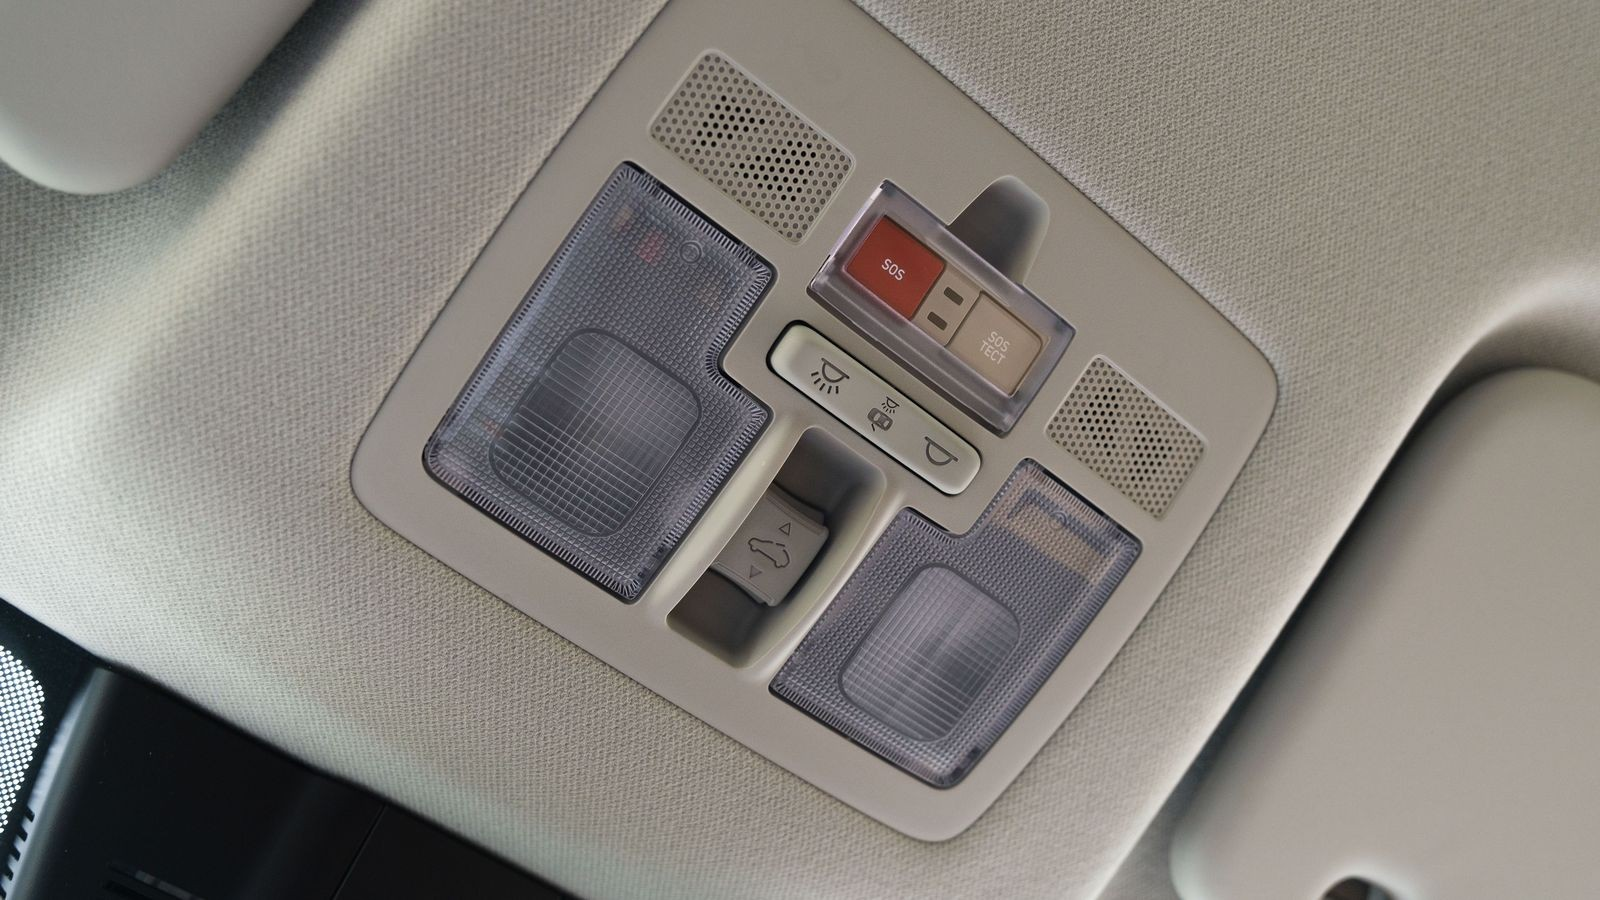 Жесткая подвеска, странный «горный ассистент» и никуда без Интернета: тест Hyundai Creta 2